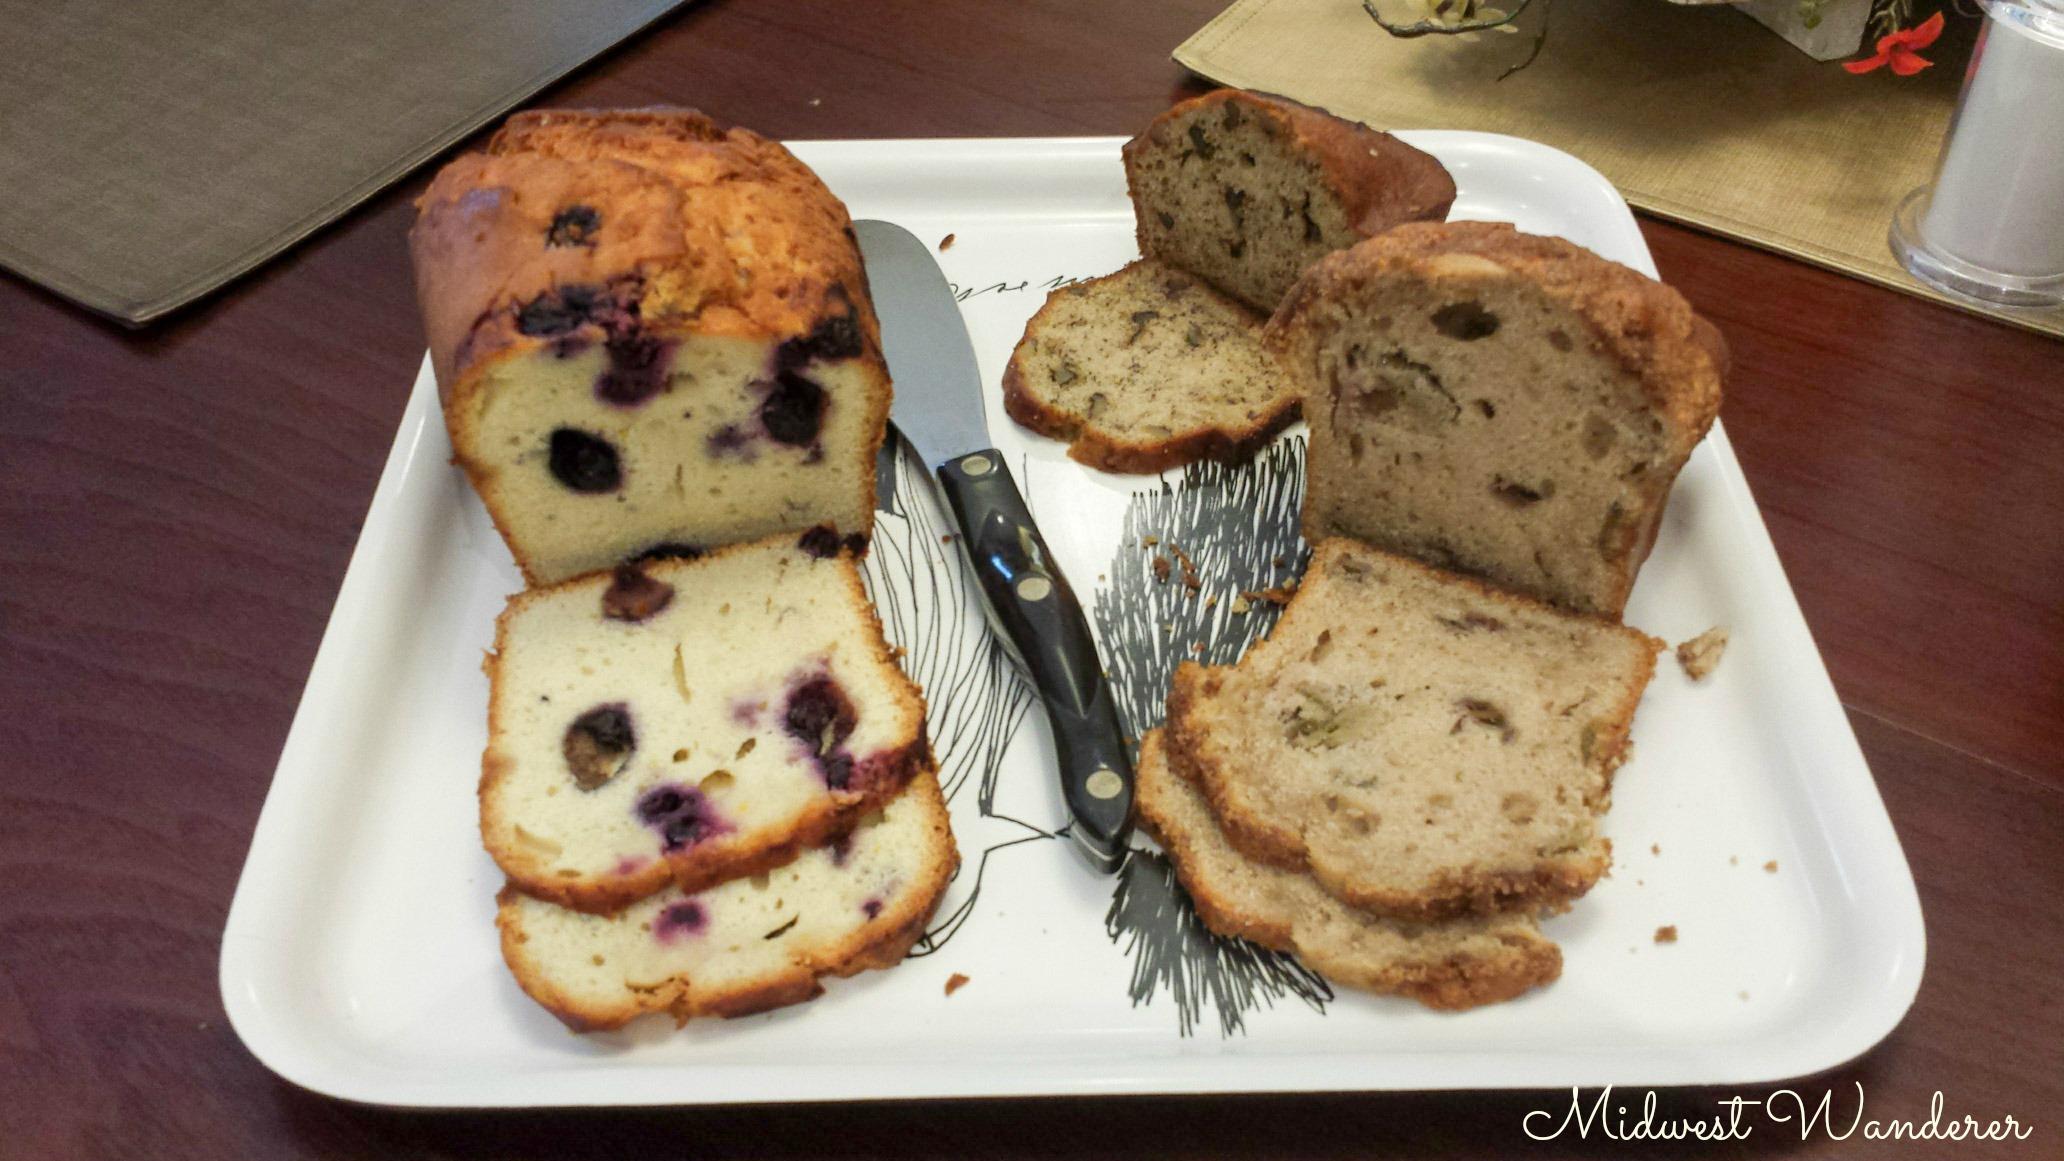 Seldom Scene Meadow B&B Breakfast breads